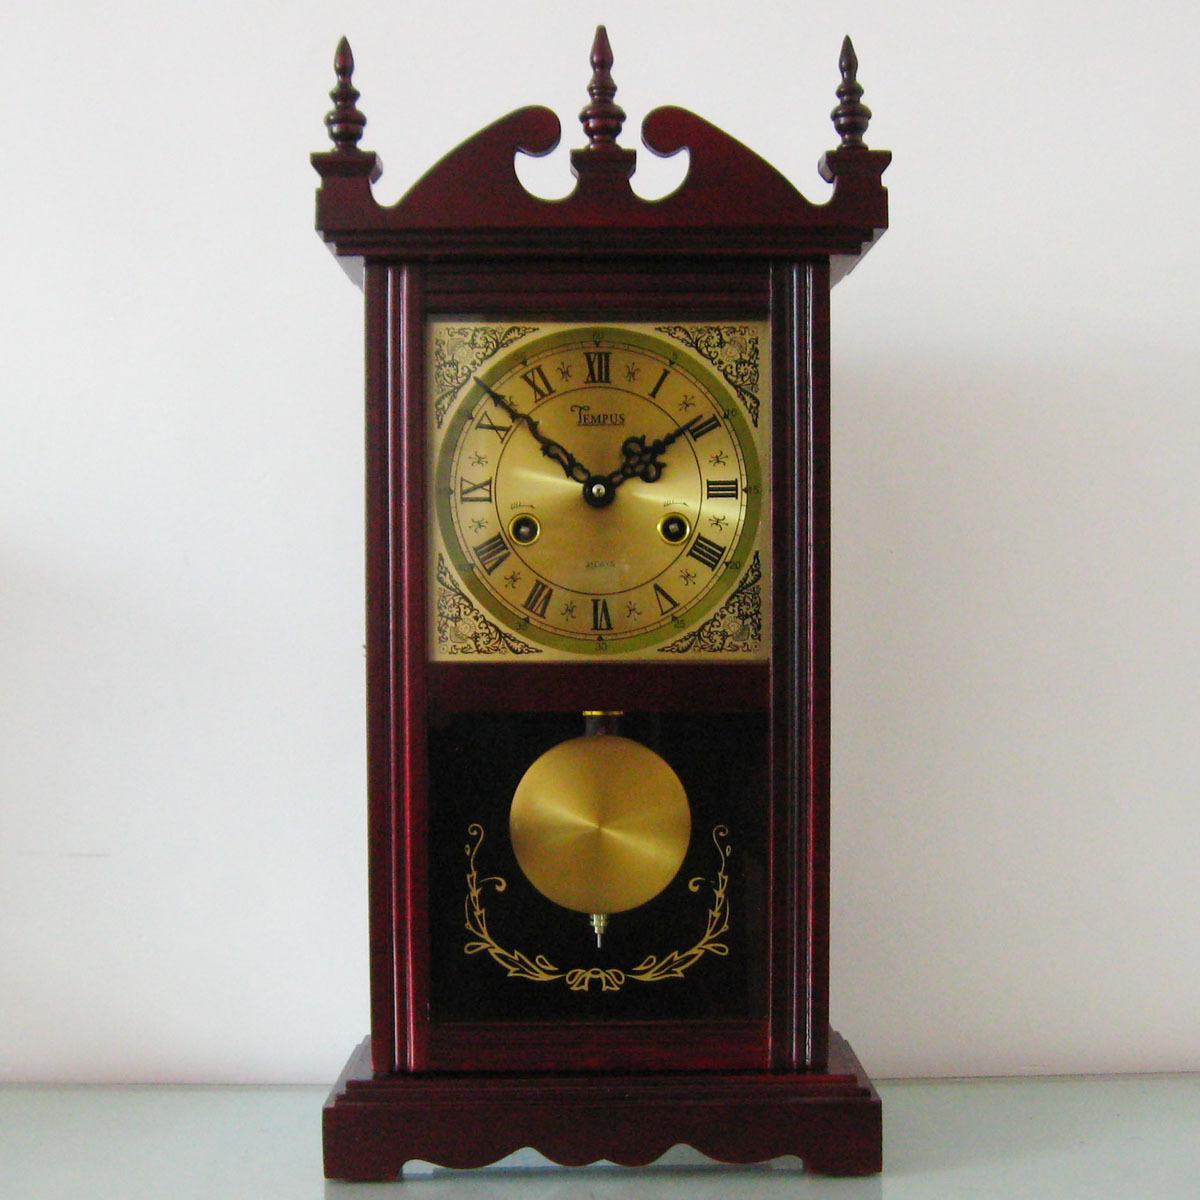 韵豪机械座钟/实木外壳/纯铜机芯/老式机械座钟/收藏珍品图片